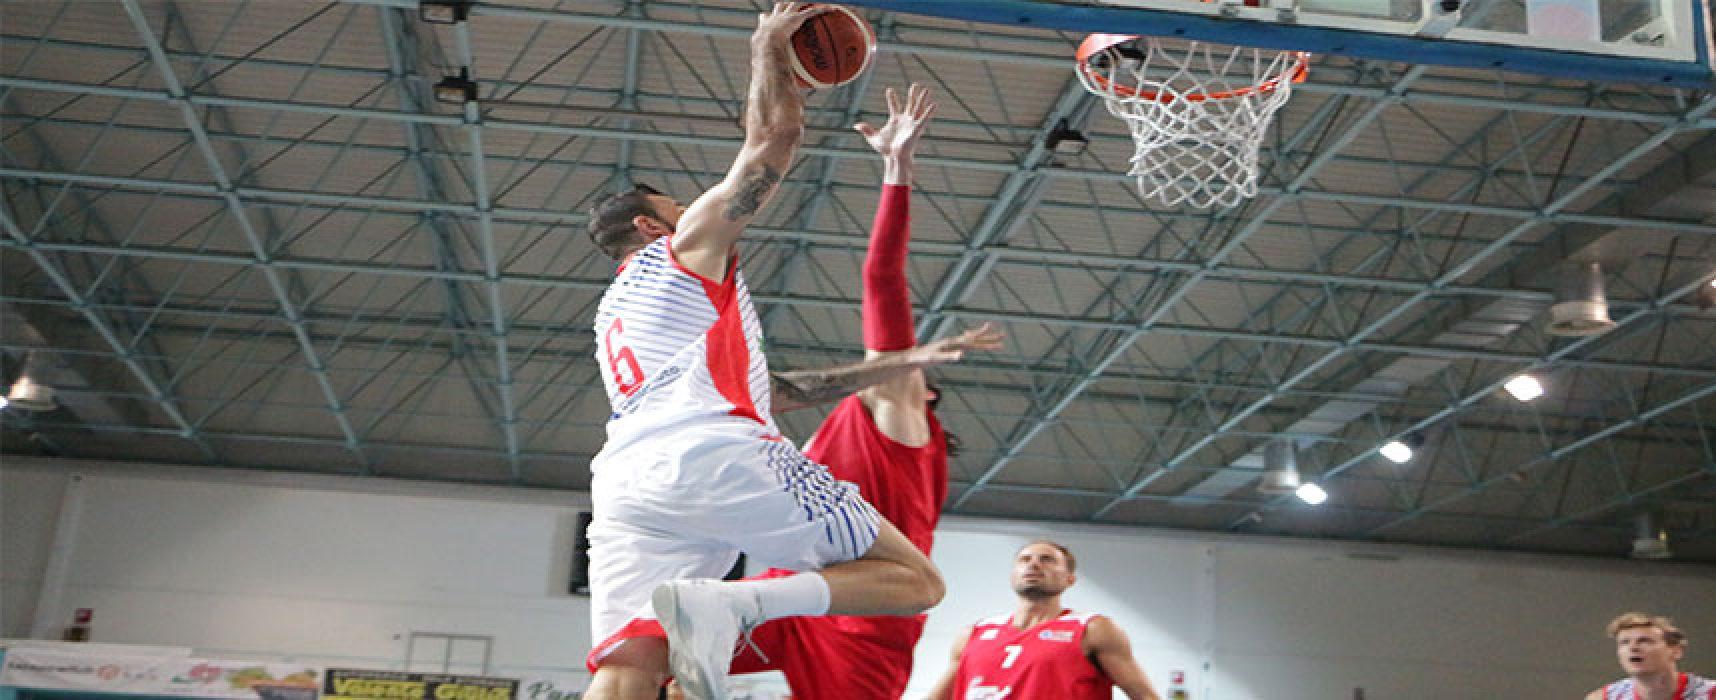 Basket, Di Pinto Panifici corsara a Pescara per il sesto successo consecutivo